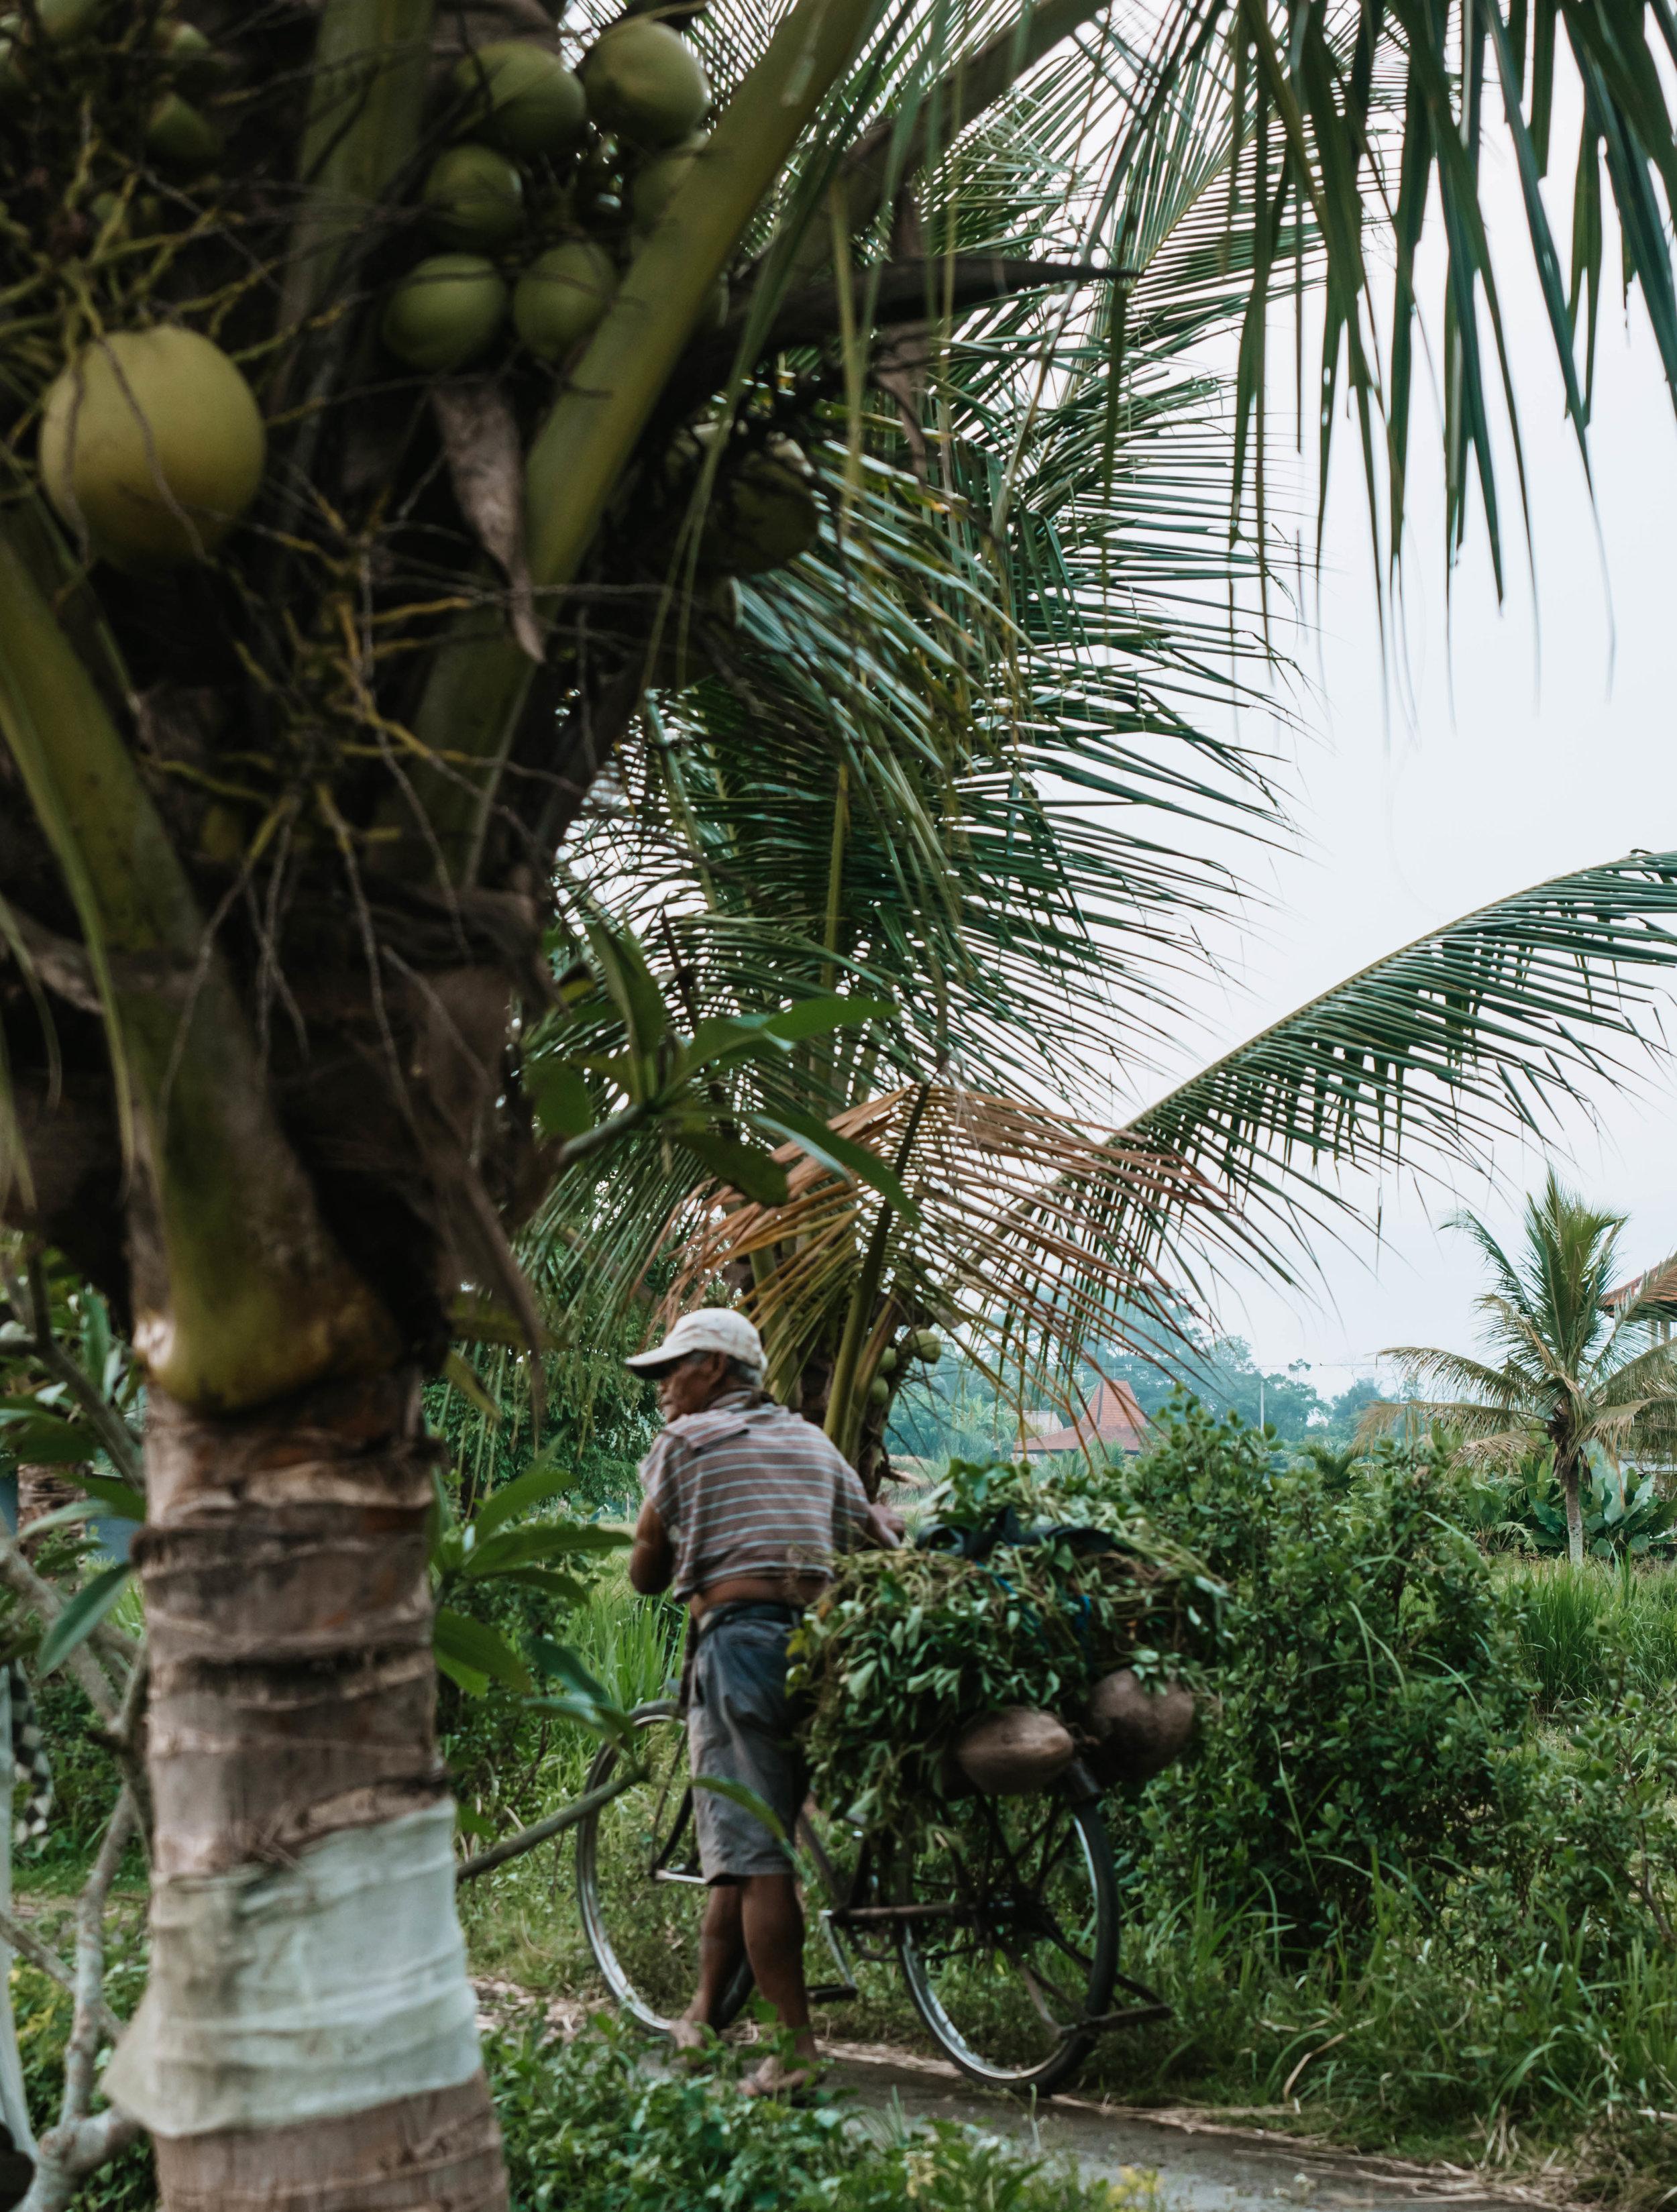 Bali authentic life